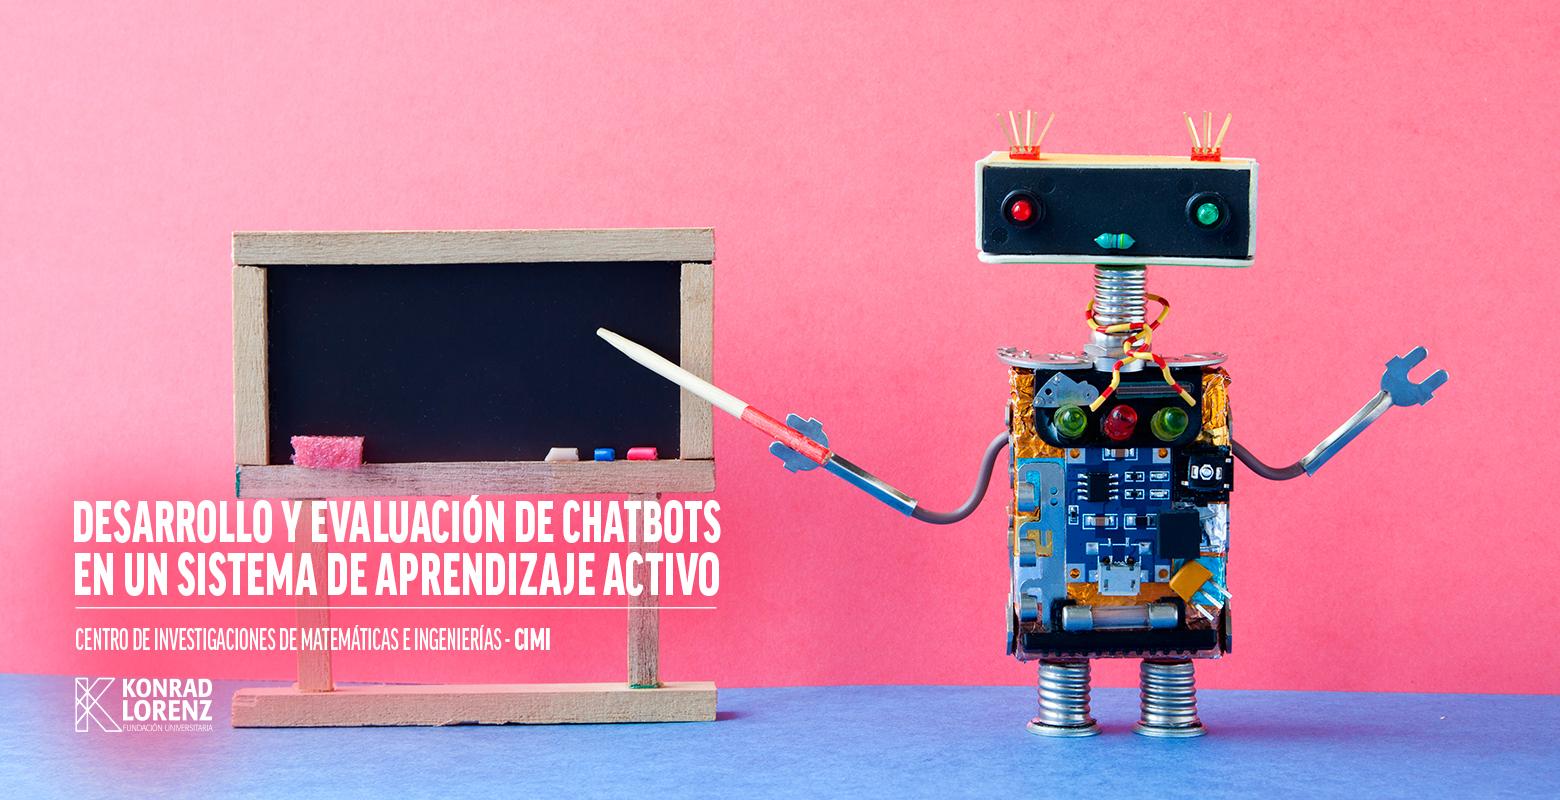 Desarrollo y evaluación de chatbots en un sistema de aprendizaje activo